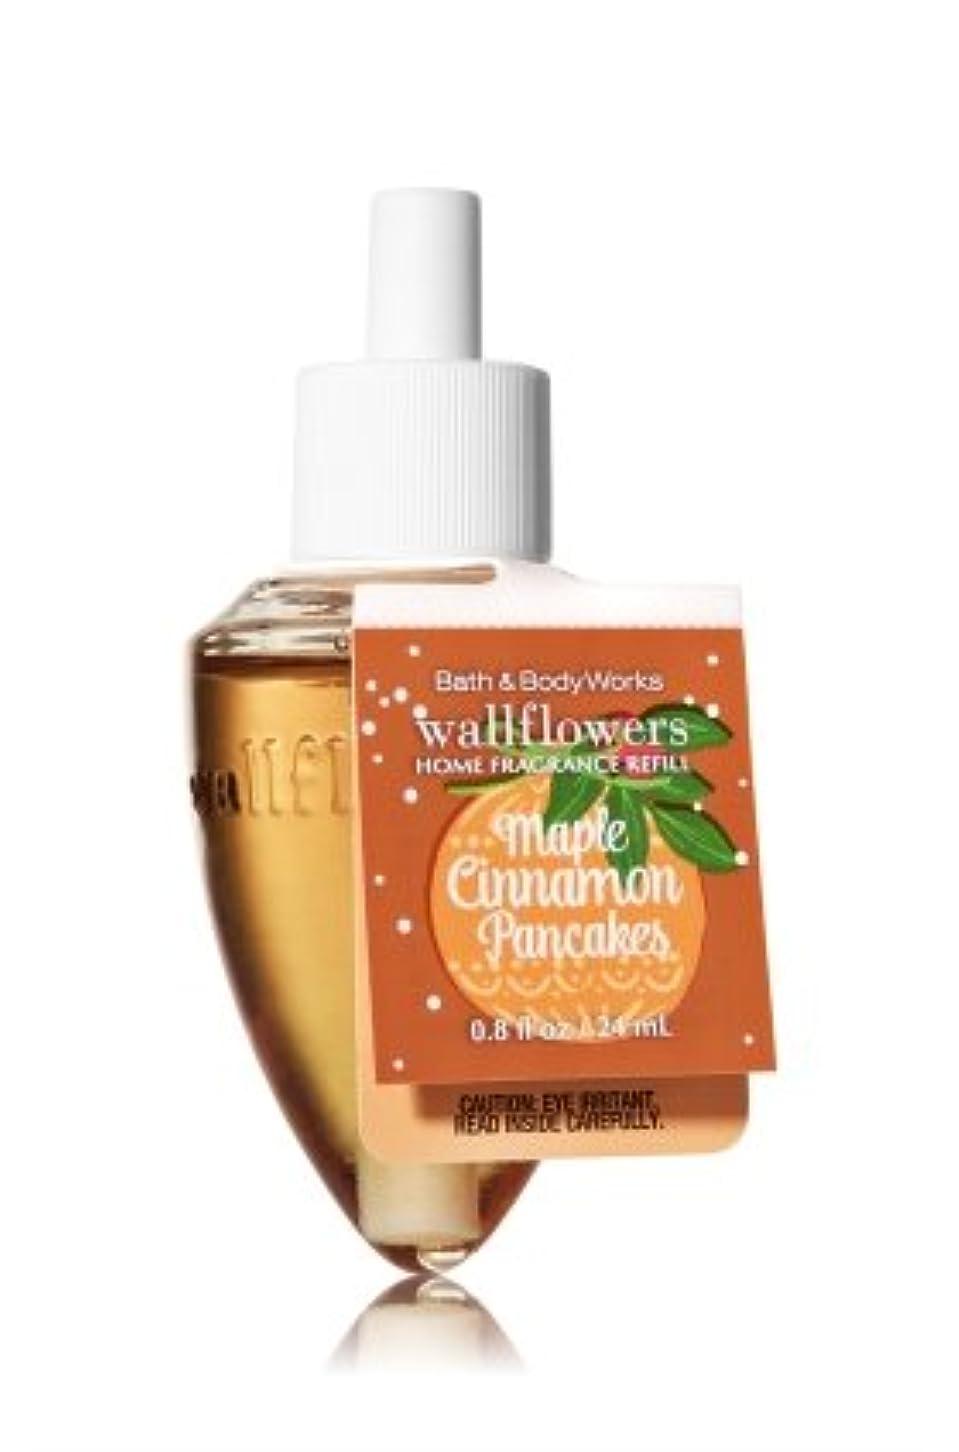 ねばねば天国定数【Bath&Body Works/バス&ボディワークス】 ルームフレグランス 詰替えリフィル メープルシナモンパンケーキ Wallflowers Home Fragrance Refill Maple Cinnamon Pancakes [並行輸入品]